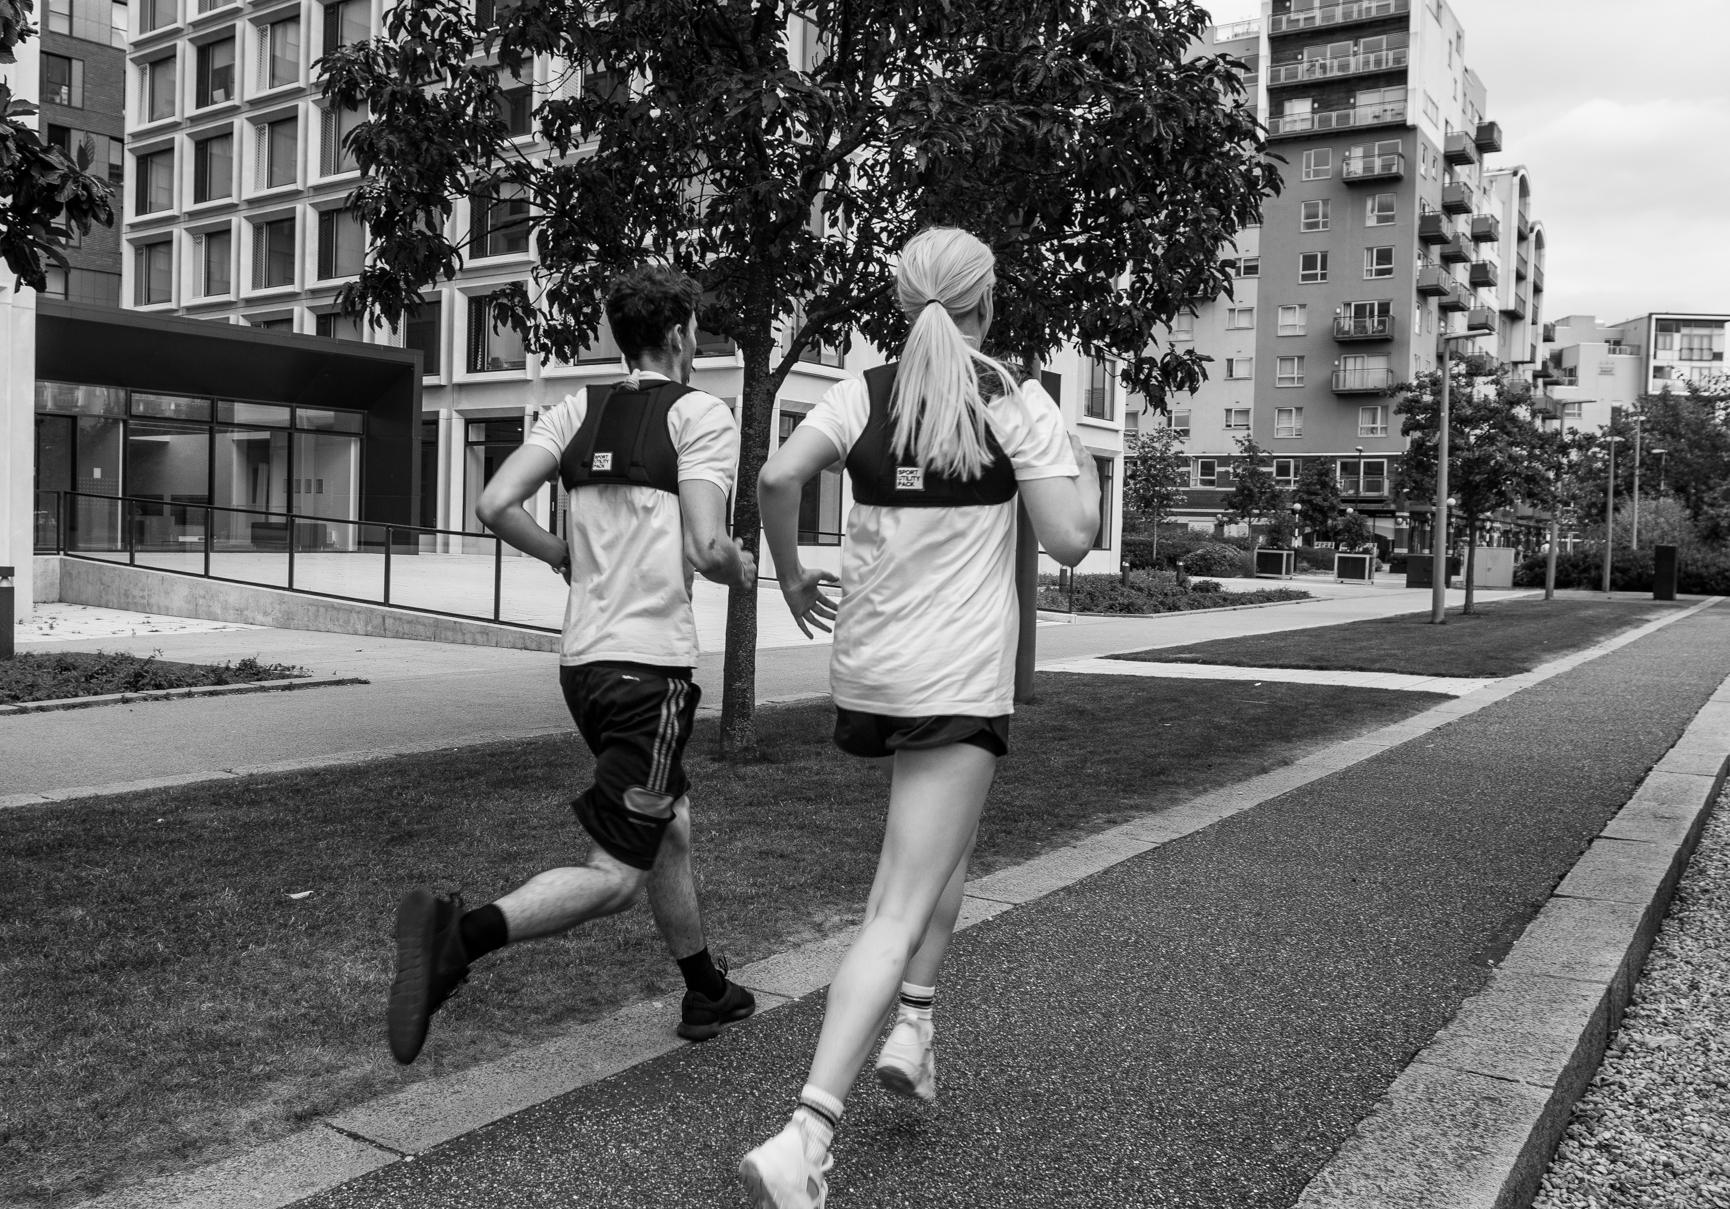 sportutilitypack-36.jpg